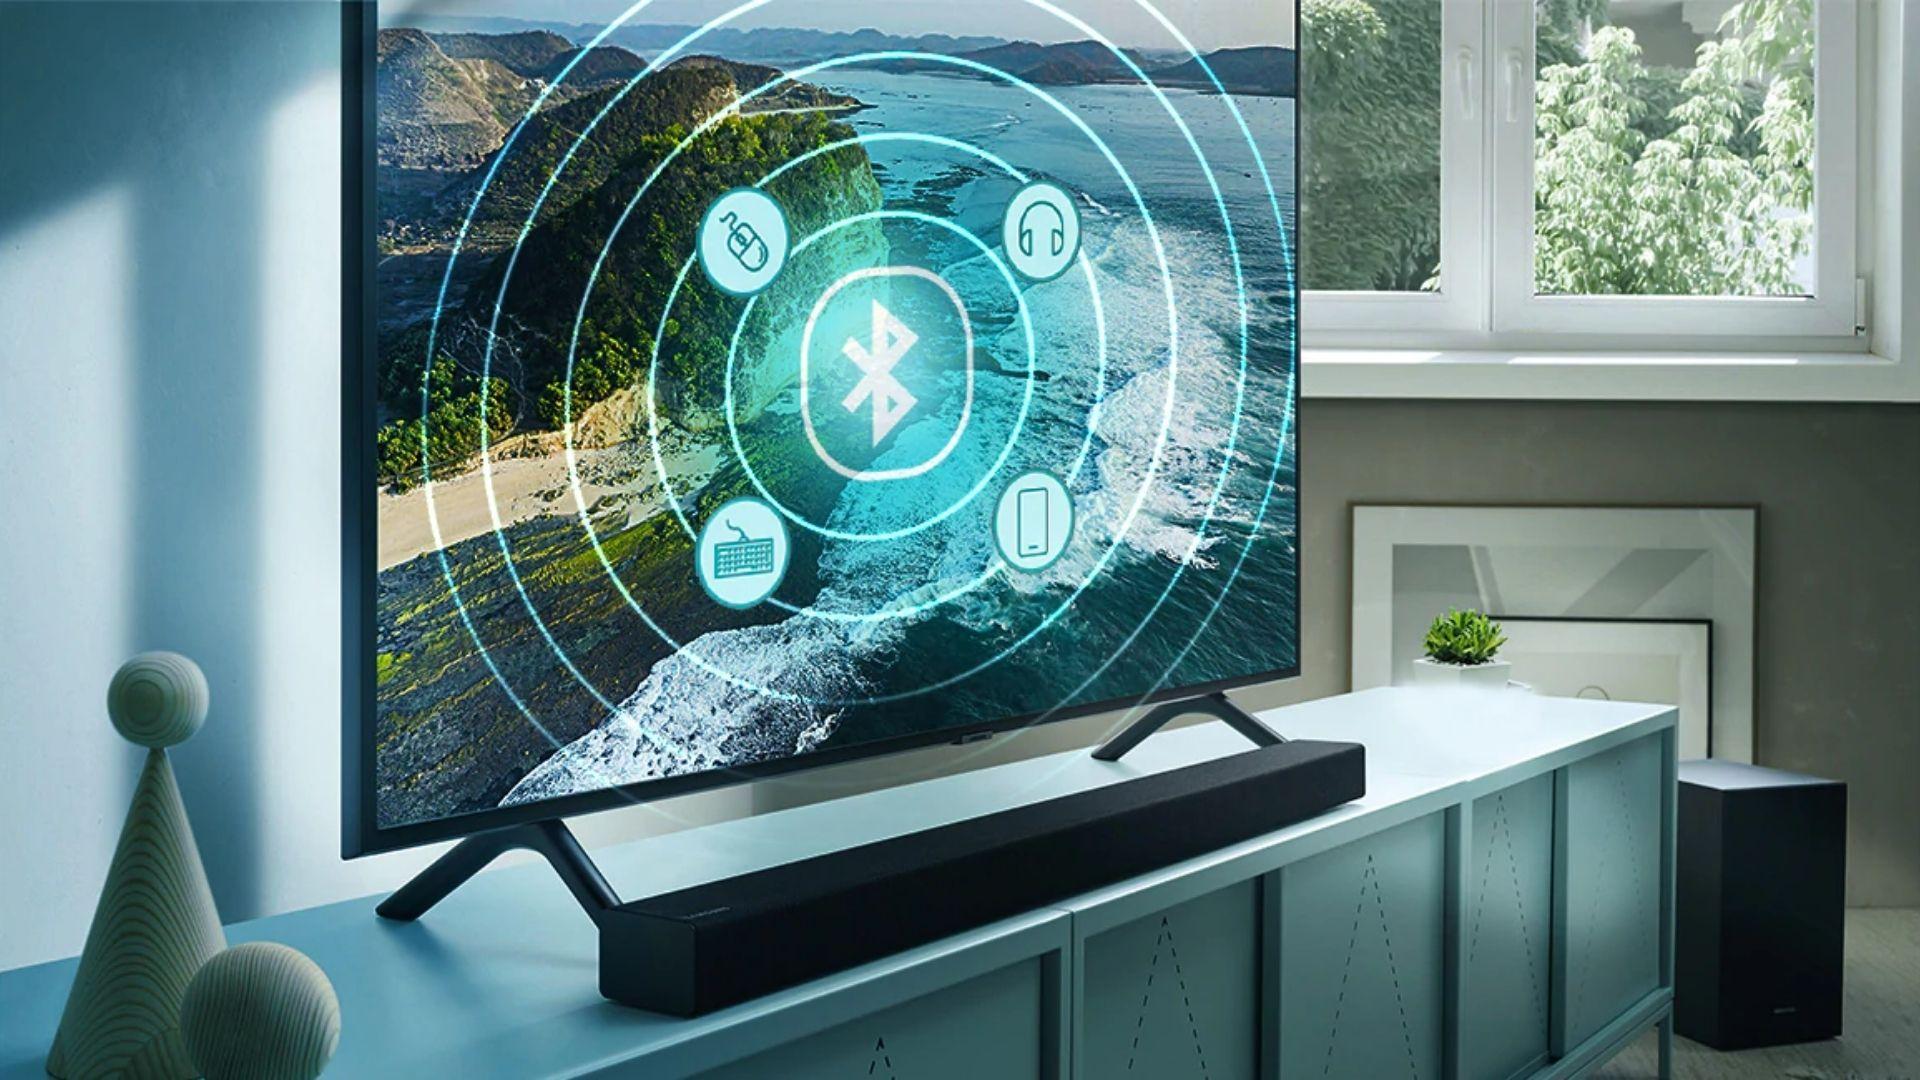 Tanto a Samsung RU7100 quanto a Samsung TU8000 conseguem controlar os diversos apps conectados via HDMI e USB através do Controle Remoto Único. (Imagem: Divulgação/Samsung)